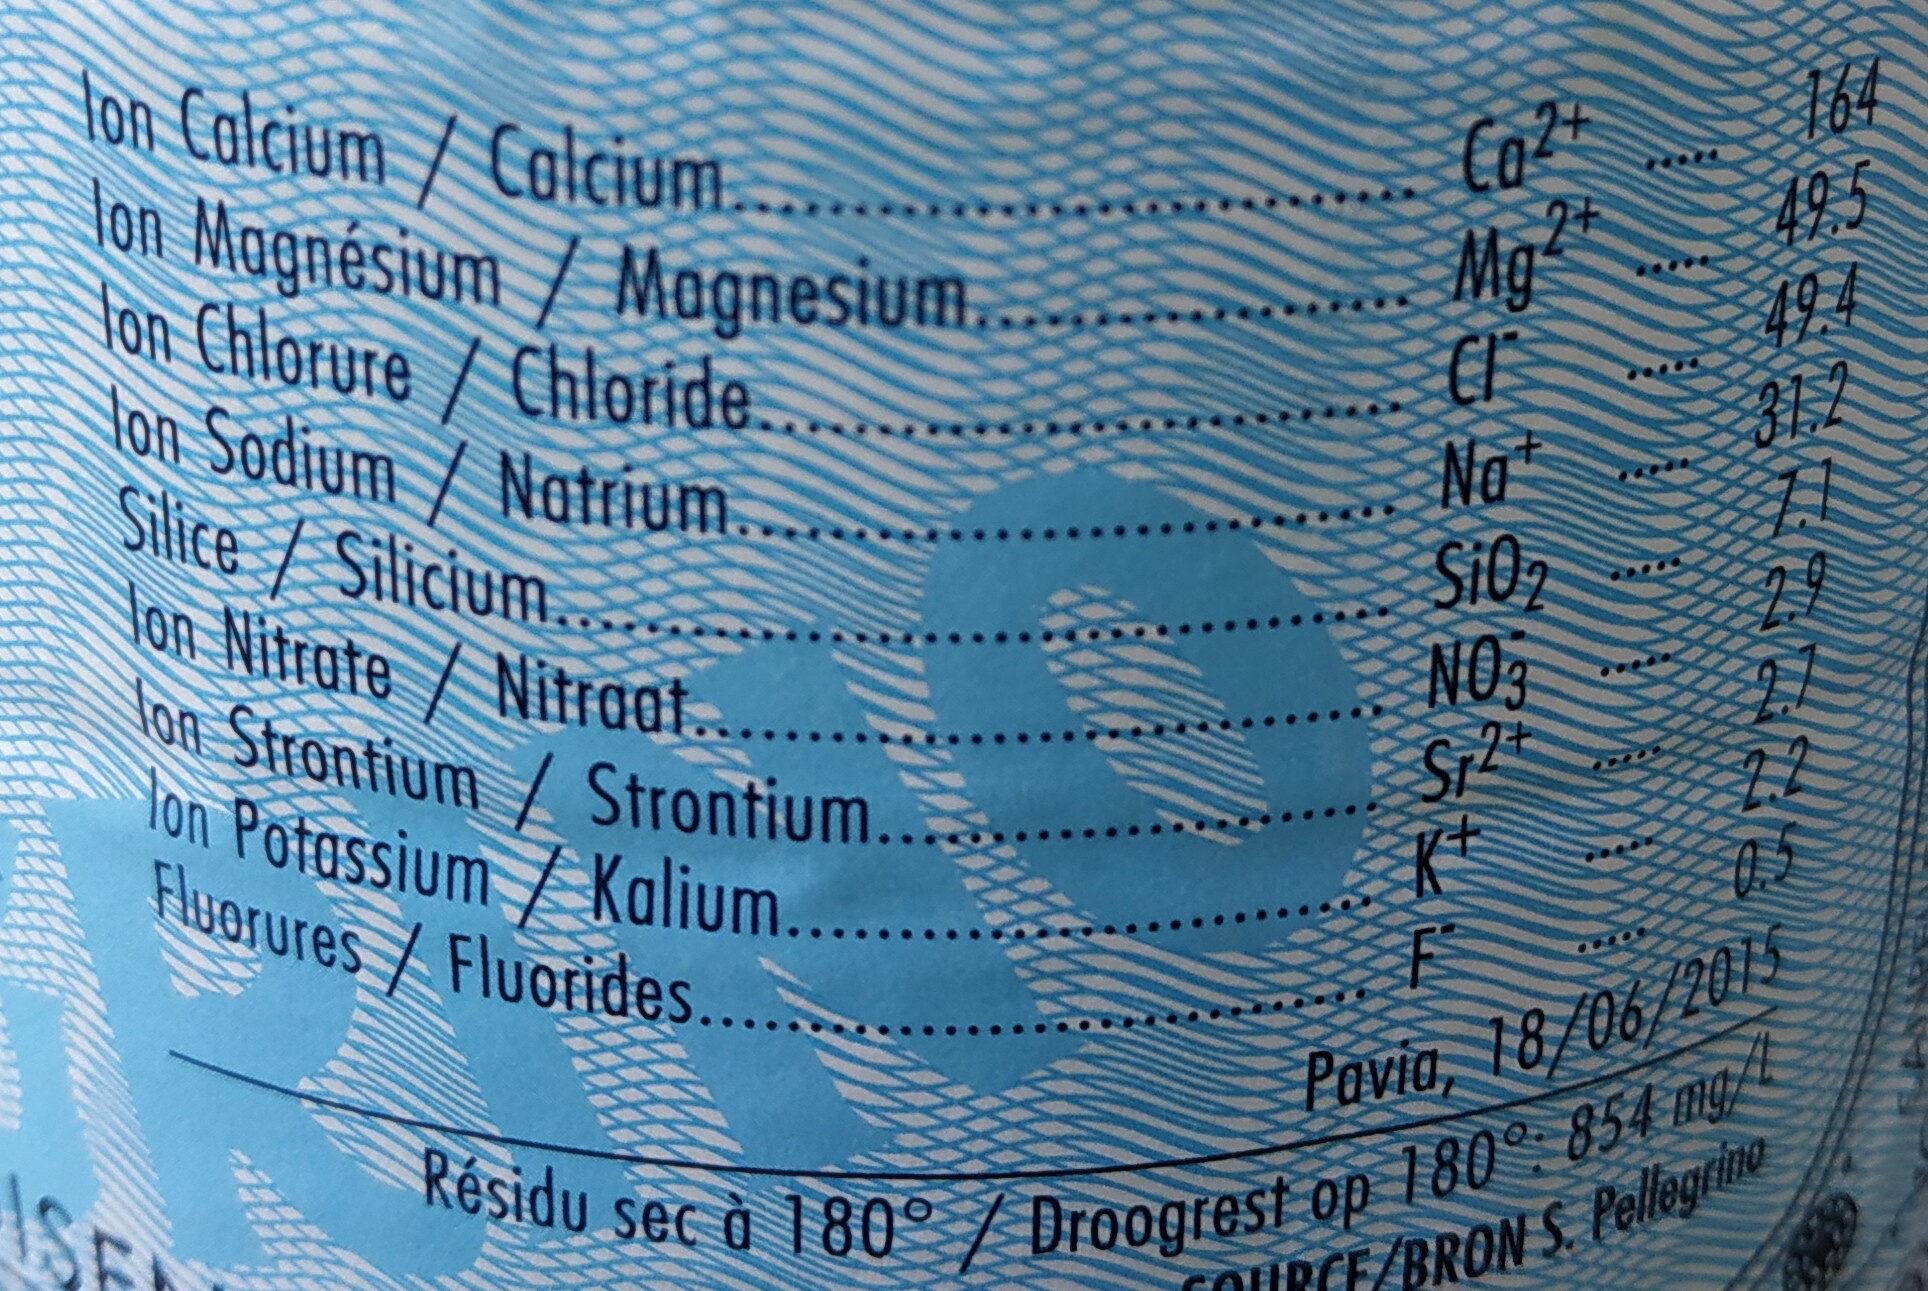 Eau minérale naturelle avec adjonction de gaz carbonique - Ingredients - fr